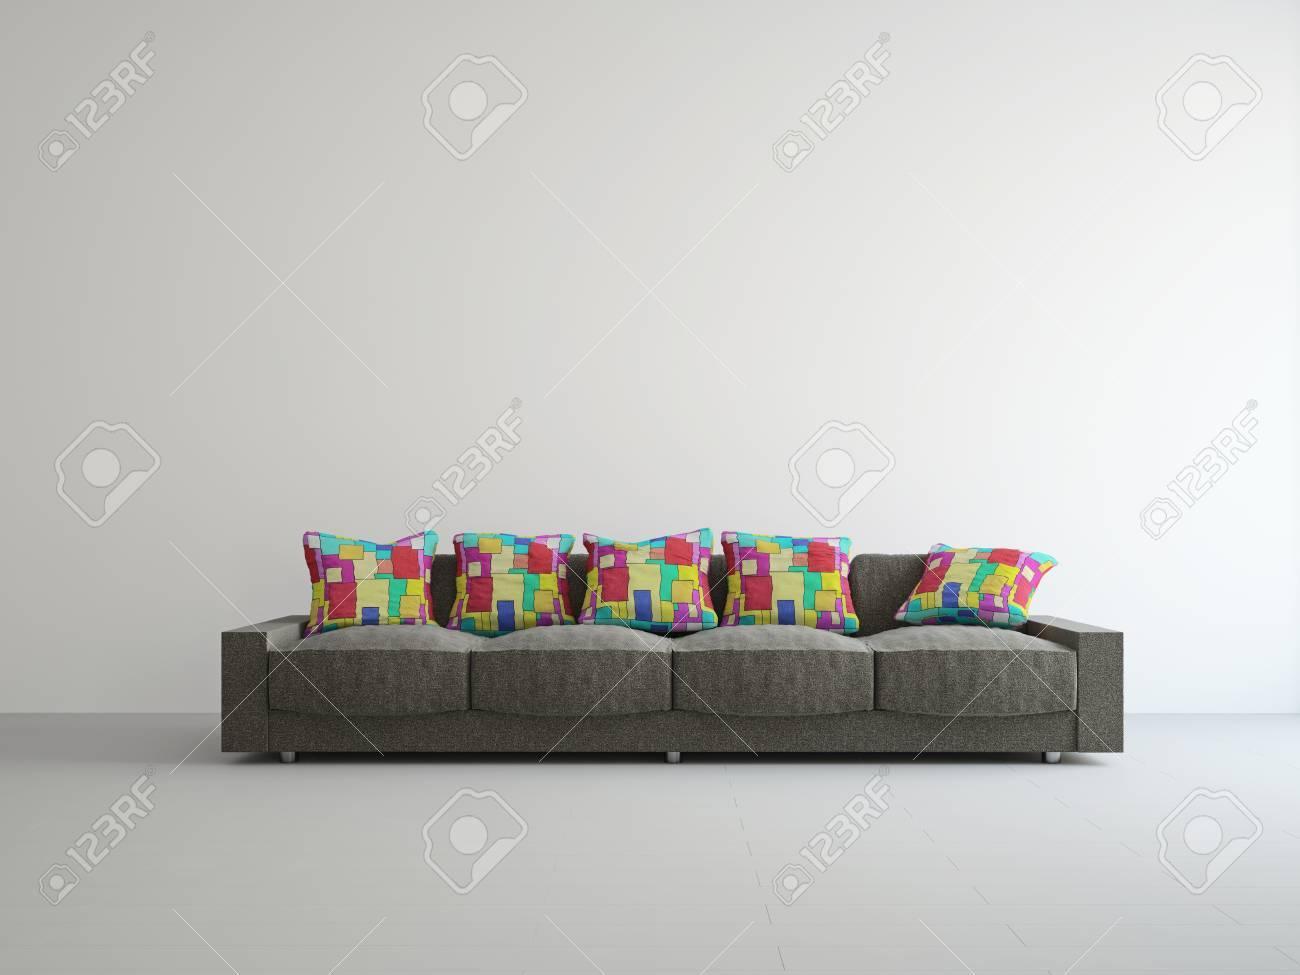 Cuscini Divano Colorati.Divano Marrone Con Cuscini Colorati Vicino Al Muro